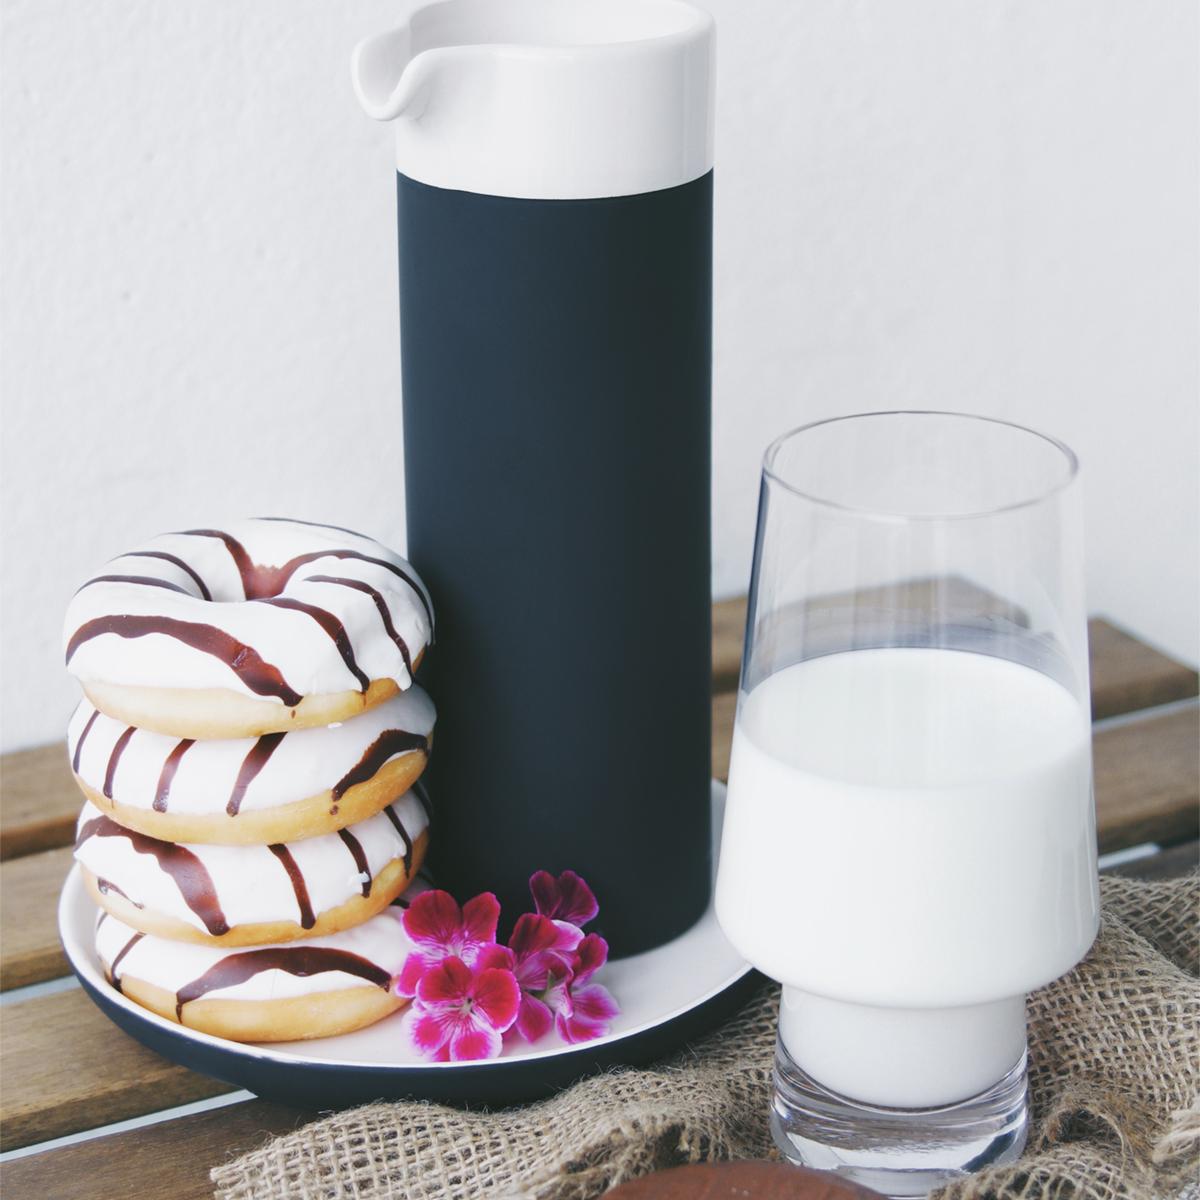 飲み物が美味しく感じる PINO PINT GLASS(ピノパイントグラス) ペア(2個組)| magisso × muurla